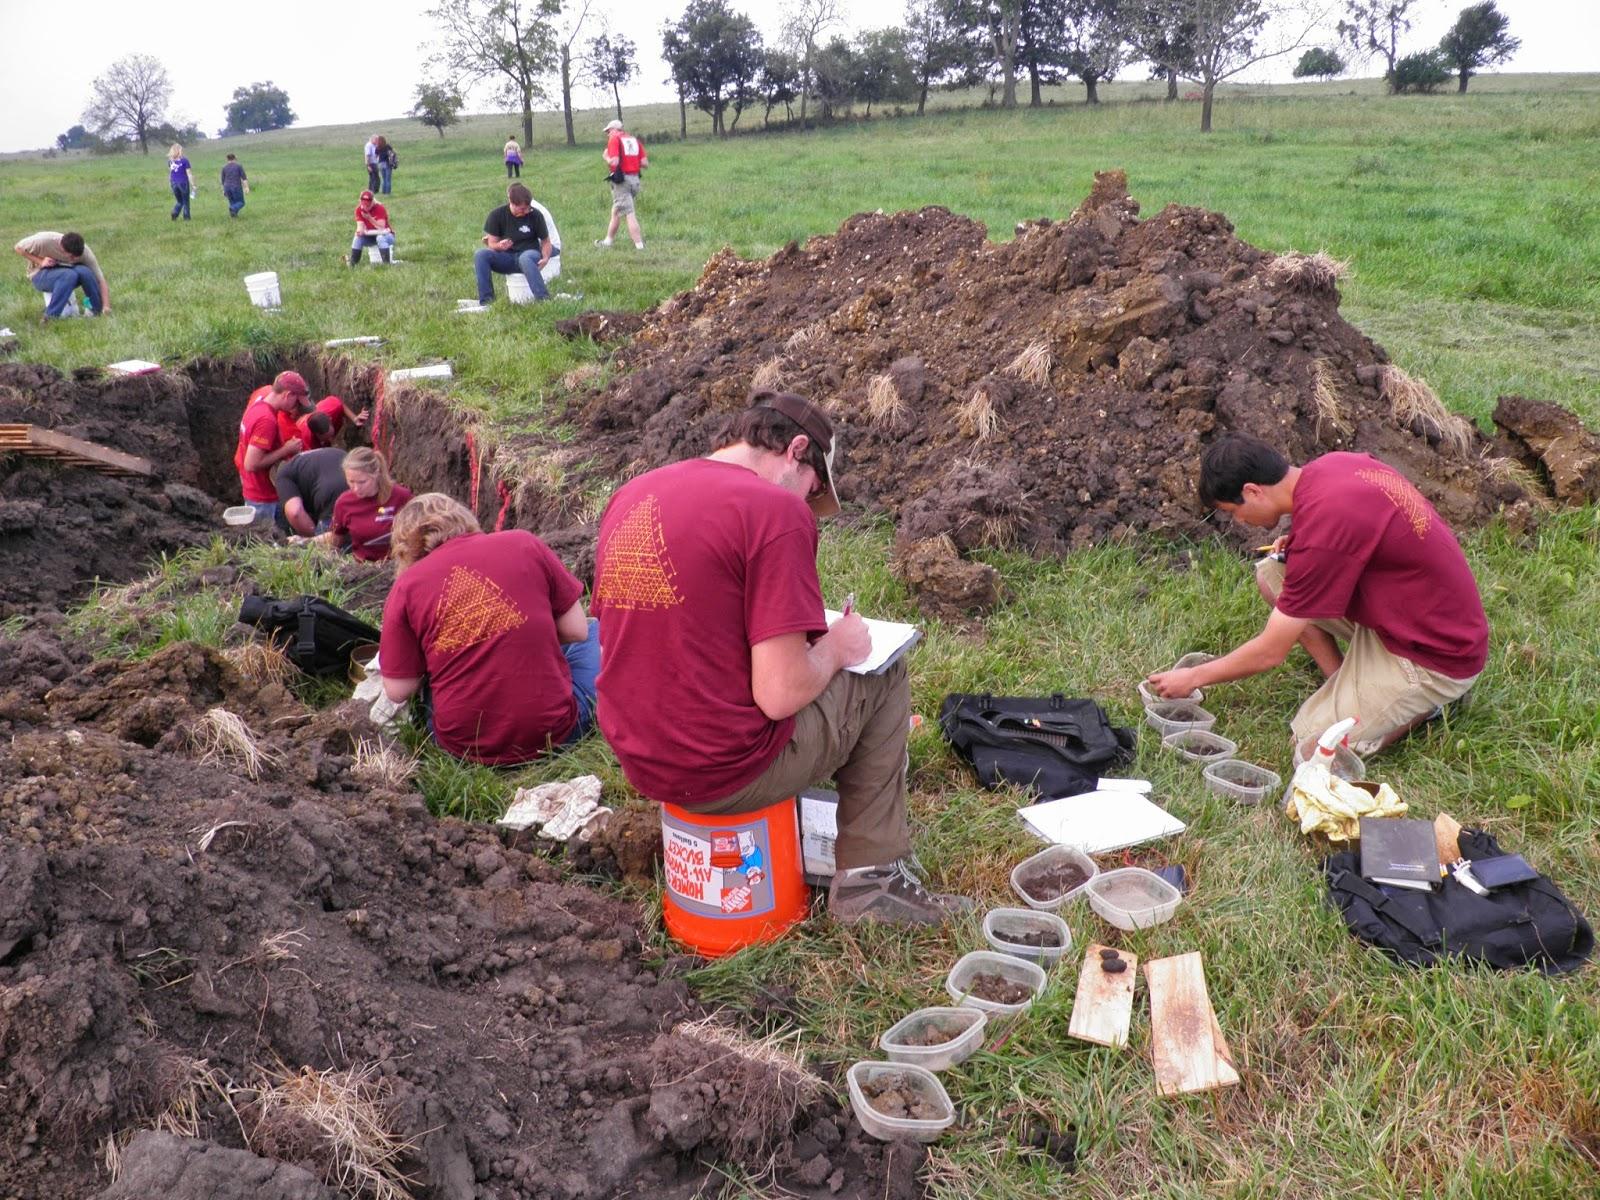 University of minnesota soil judging team september 2013 for Soil judging